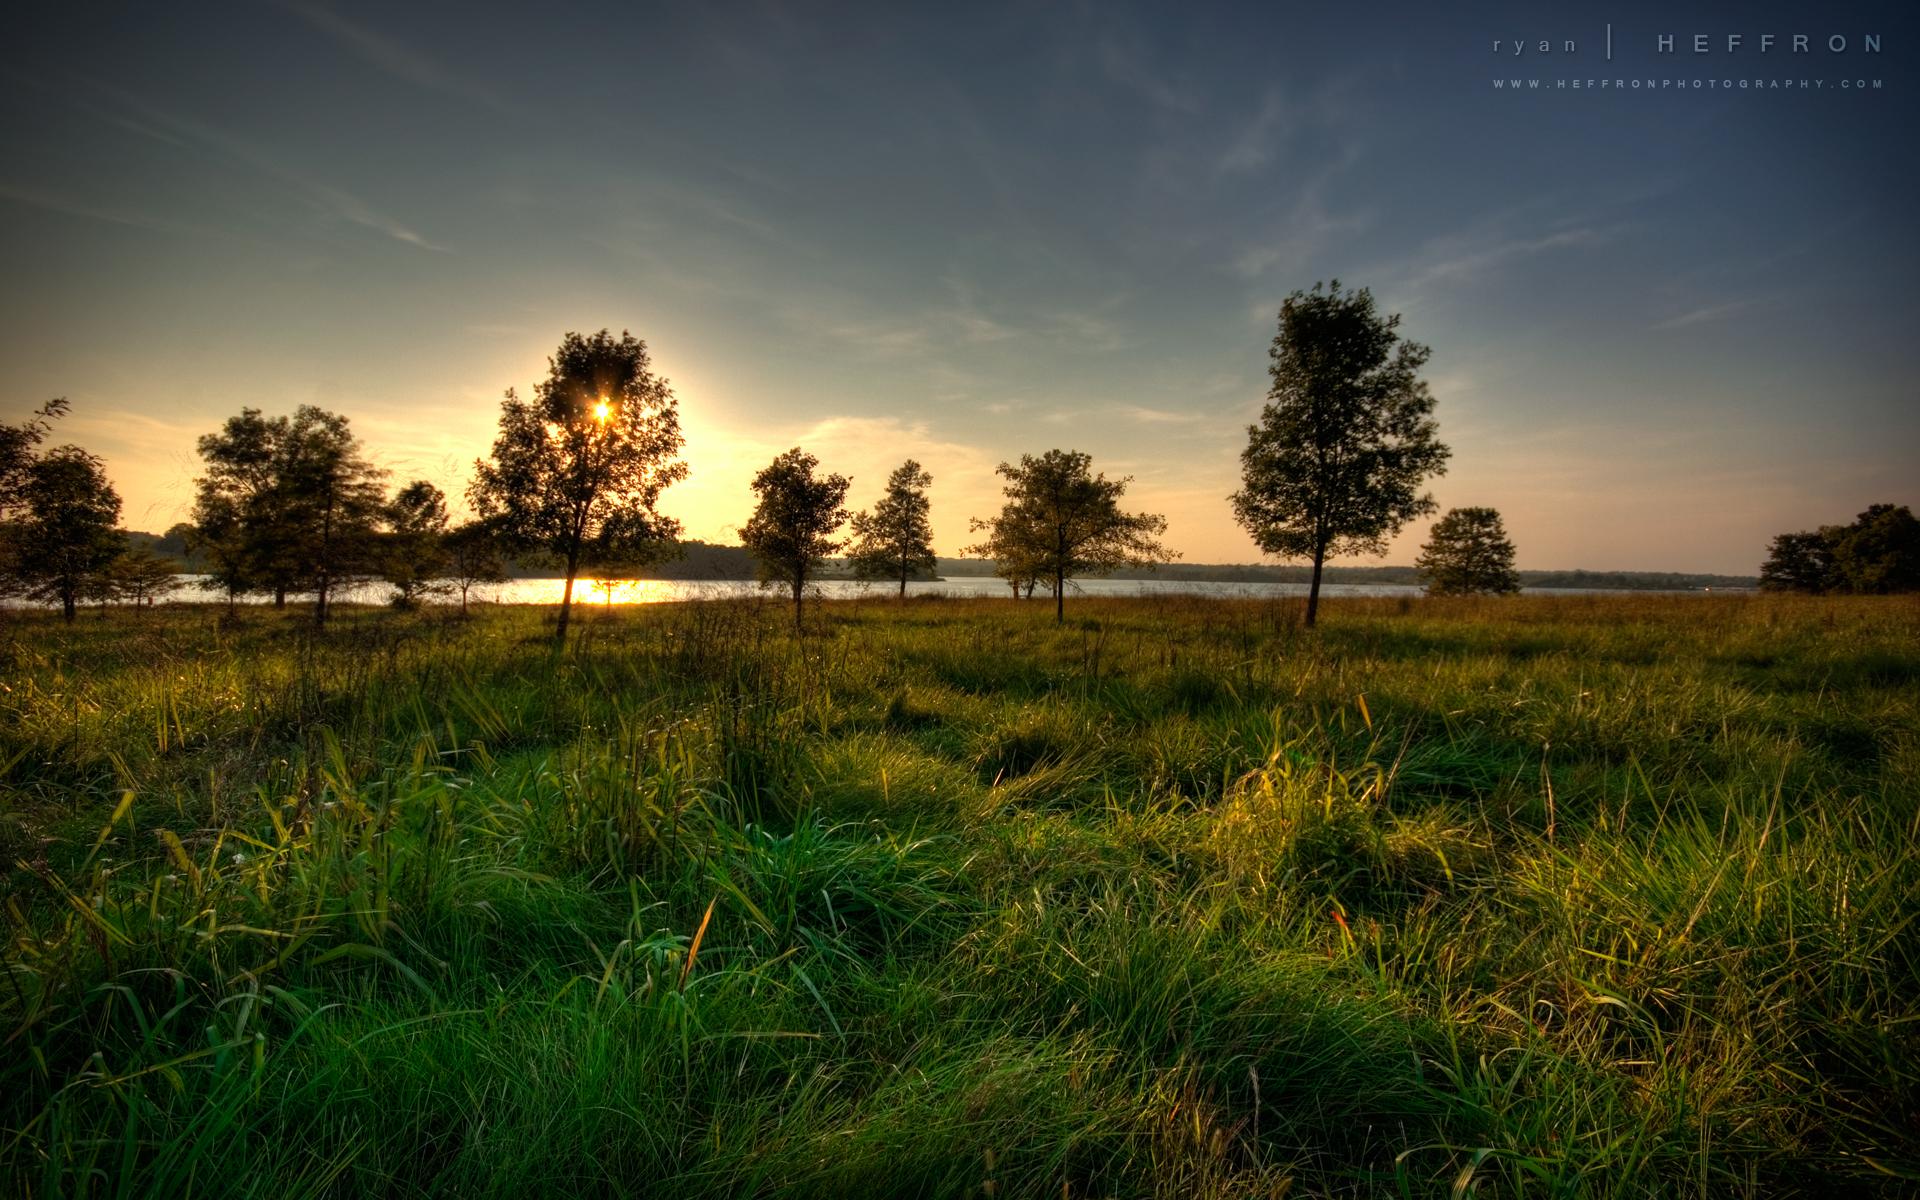 закат, деревья, зелень бесплатно